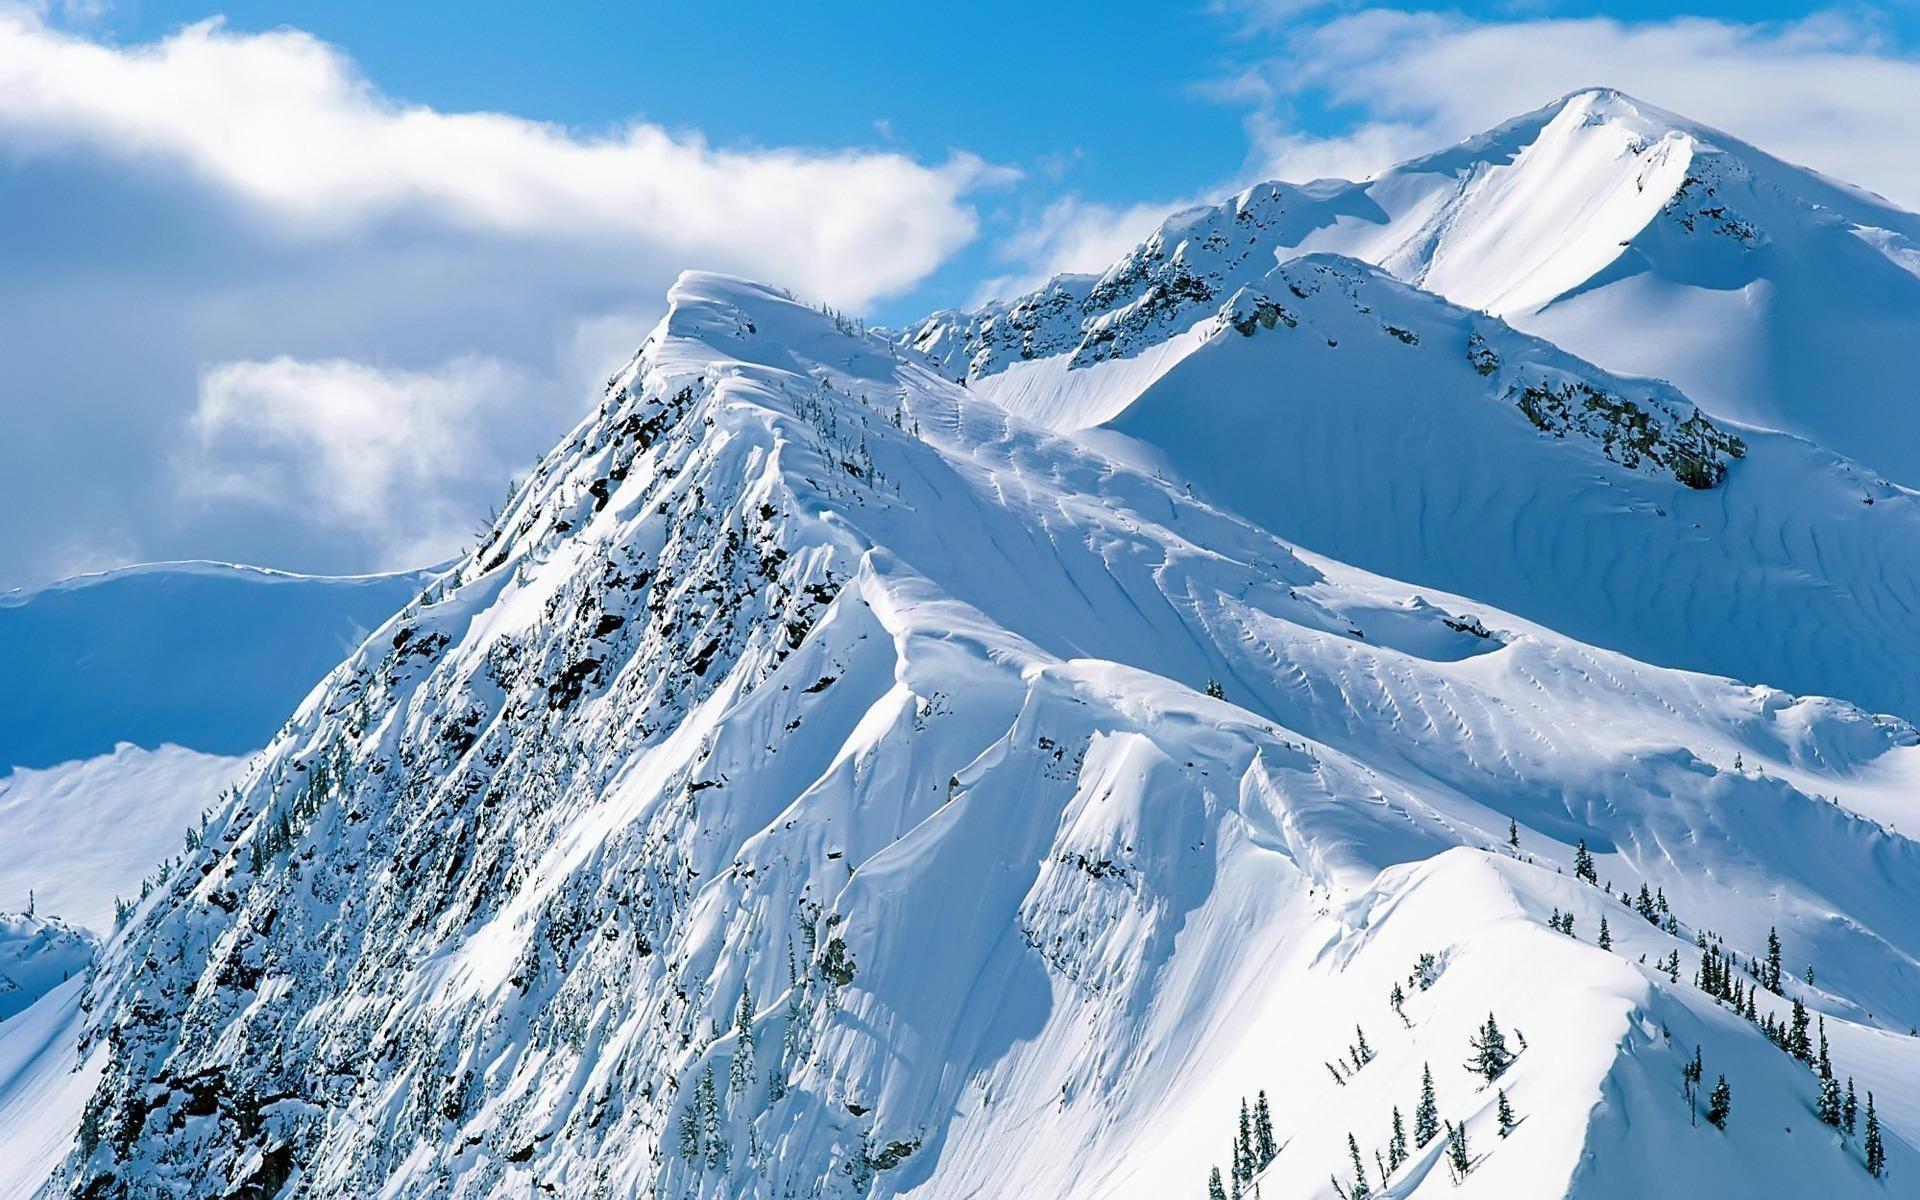 wallpaper.wiki-Snowy-Mountains-Wallpaper-HD-PIC-WPE006879